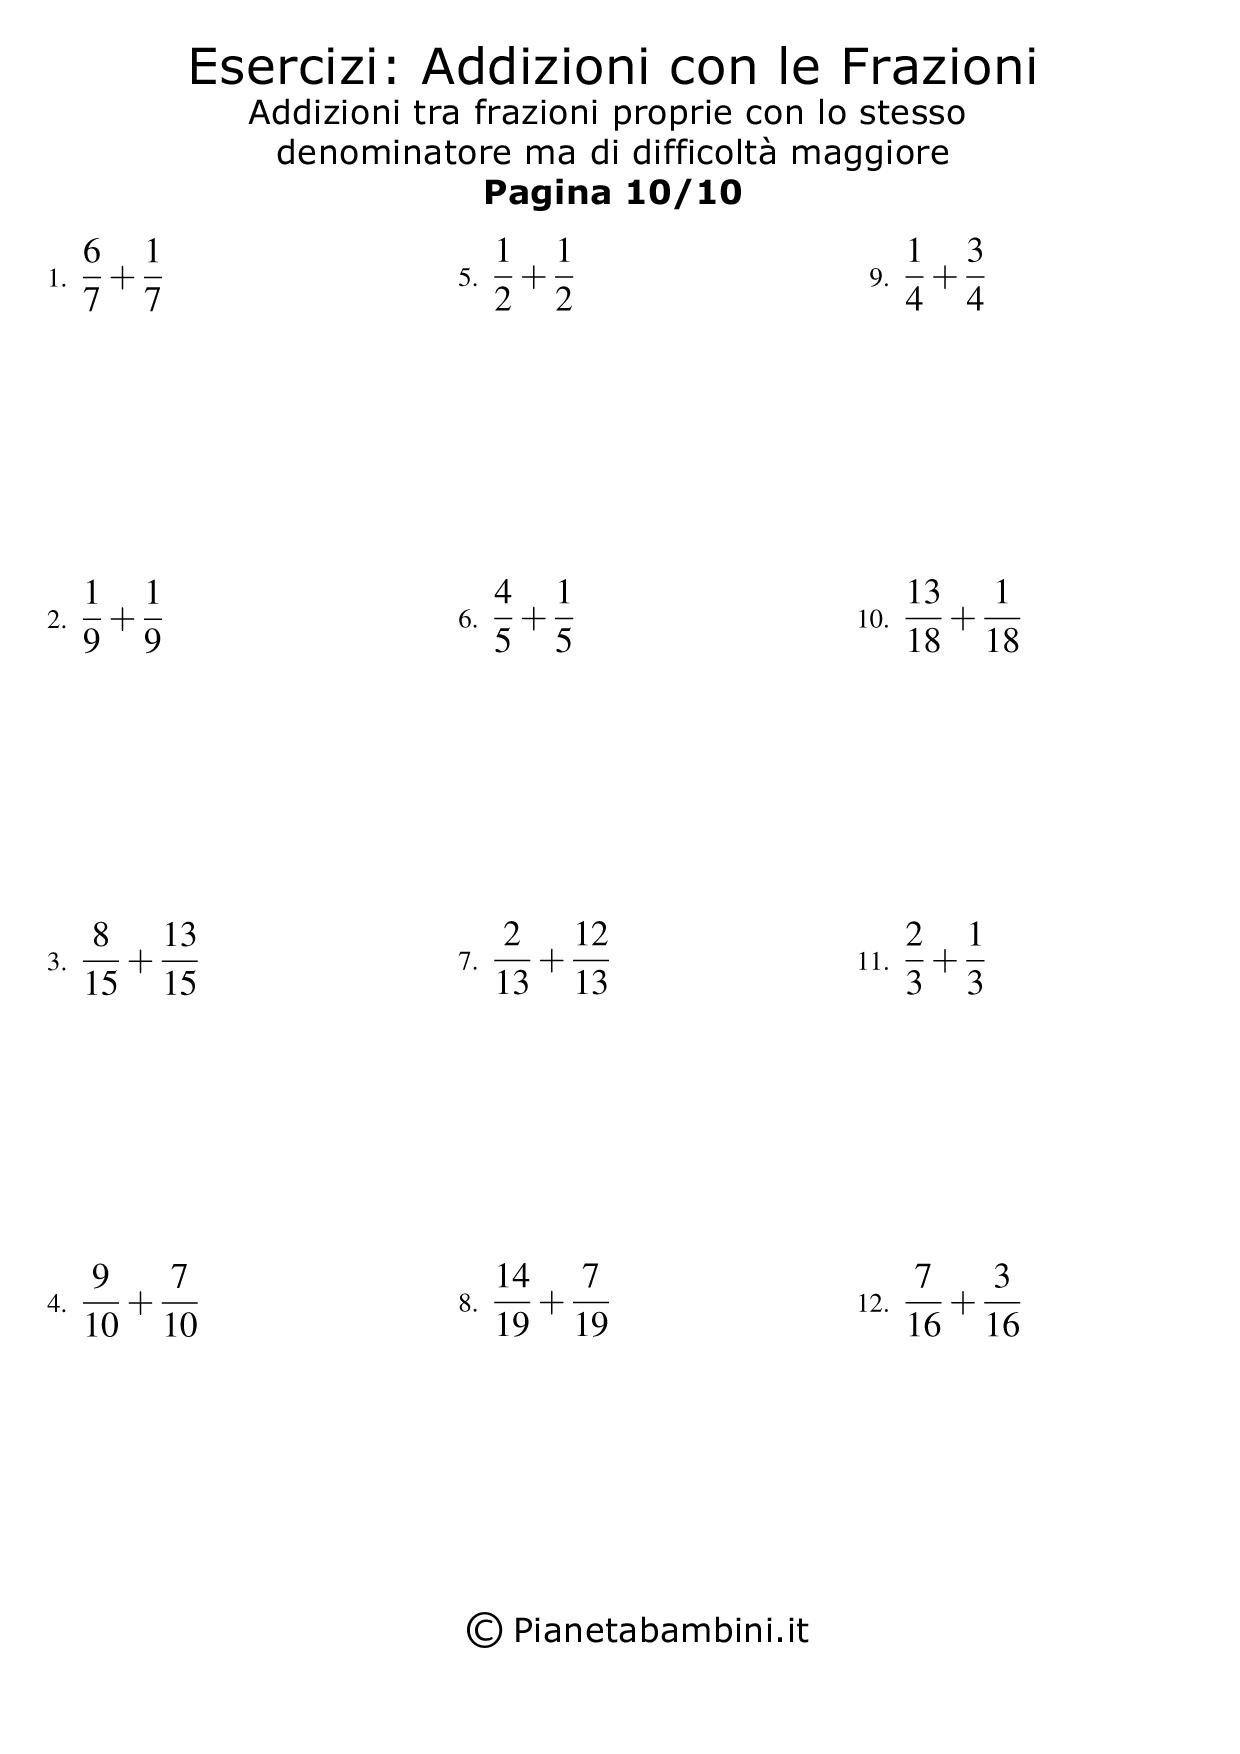 Addizioni-Frazioni-Stesso-Denominatore-Difficili_10